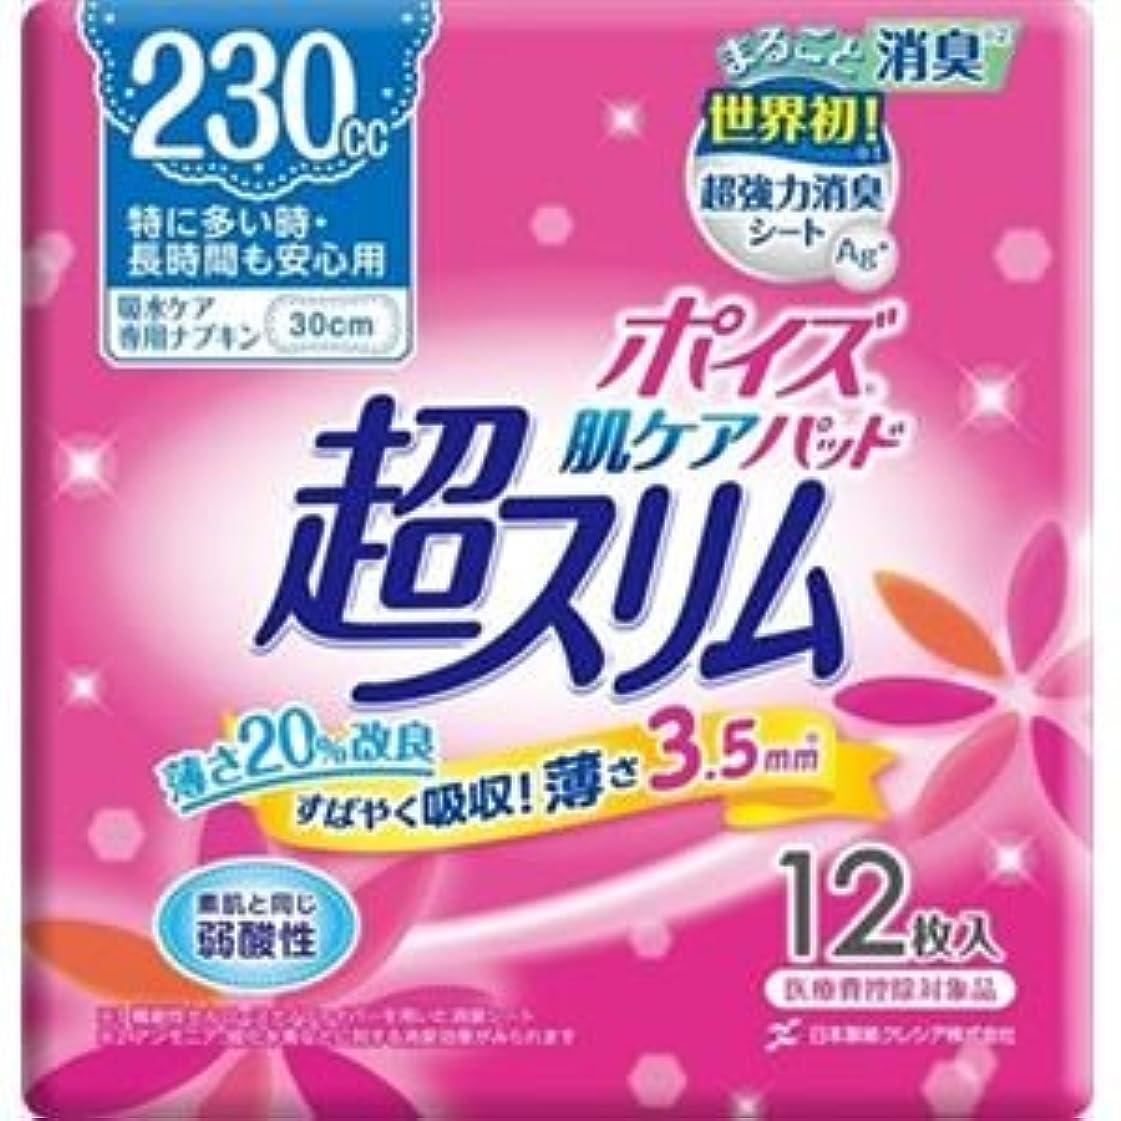 敬意正直有毒(まとめ)日本製紙クレシア ポイズ 肌ケアパッド 超スリム 特に多い時?長時間も安心用 12枚 【×3点セット】